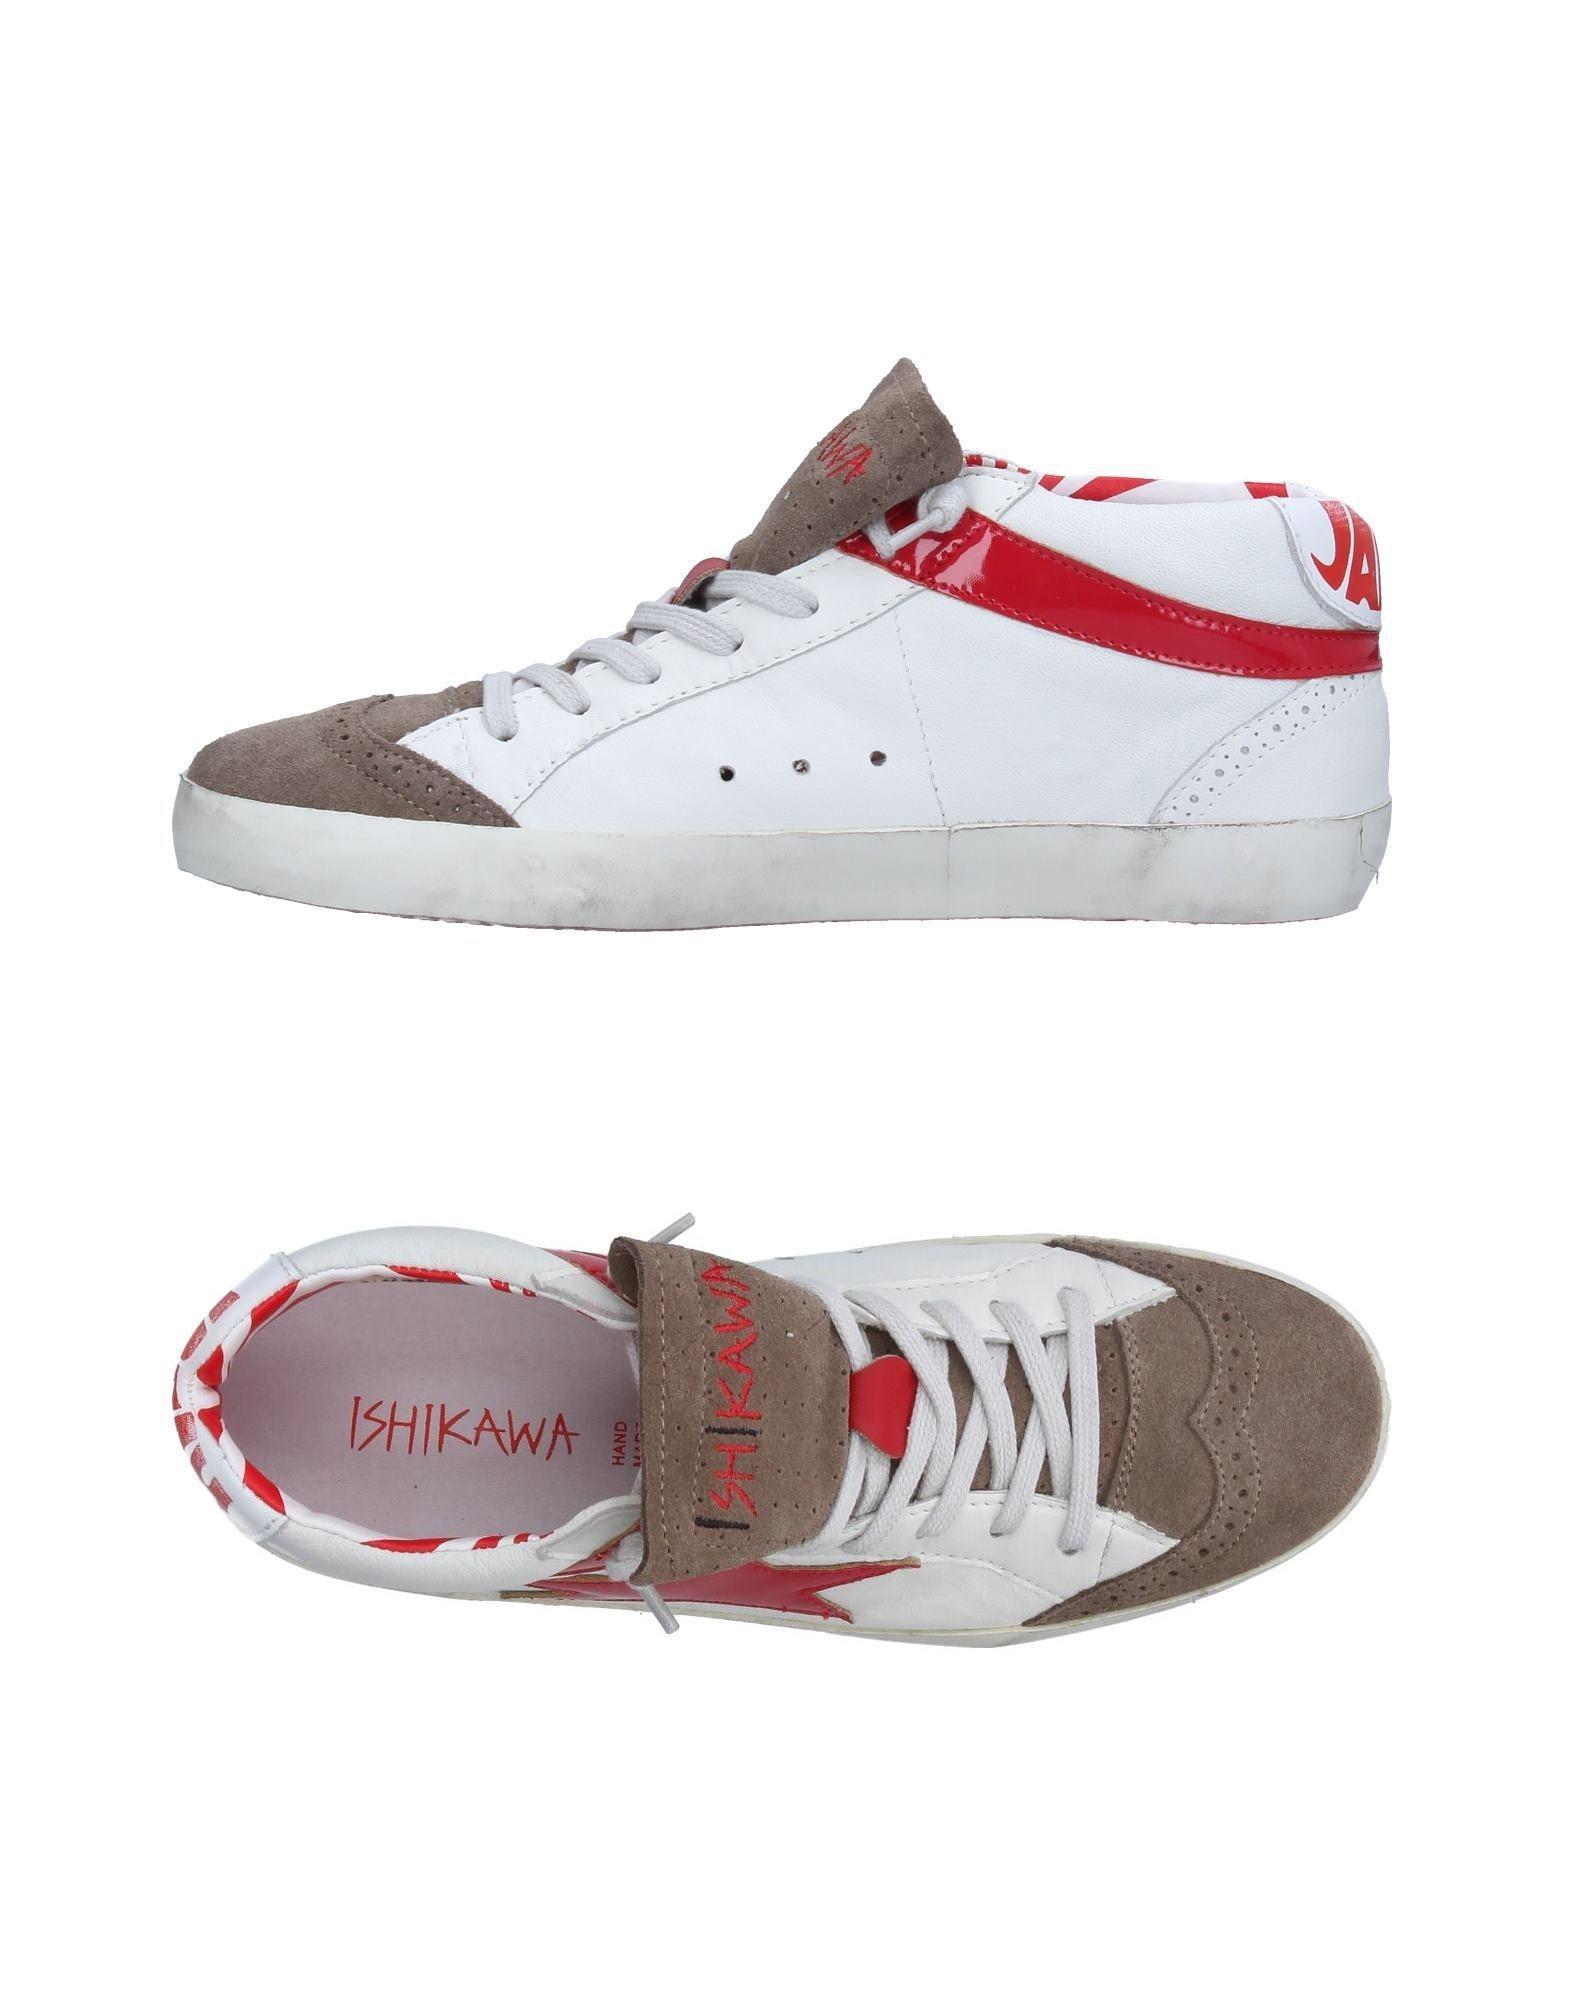 Ishikawa Bas-tops Et Chaussures De Sport 2qddL6